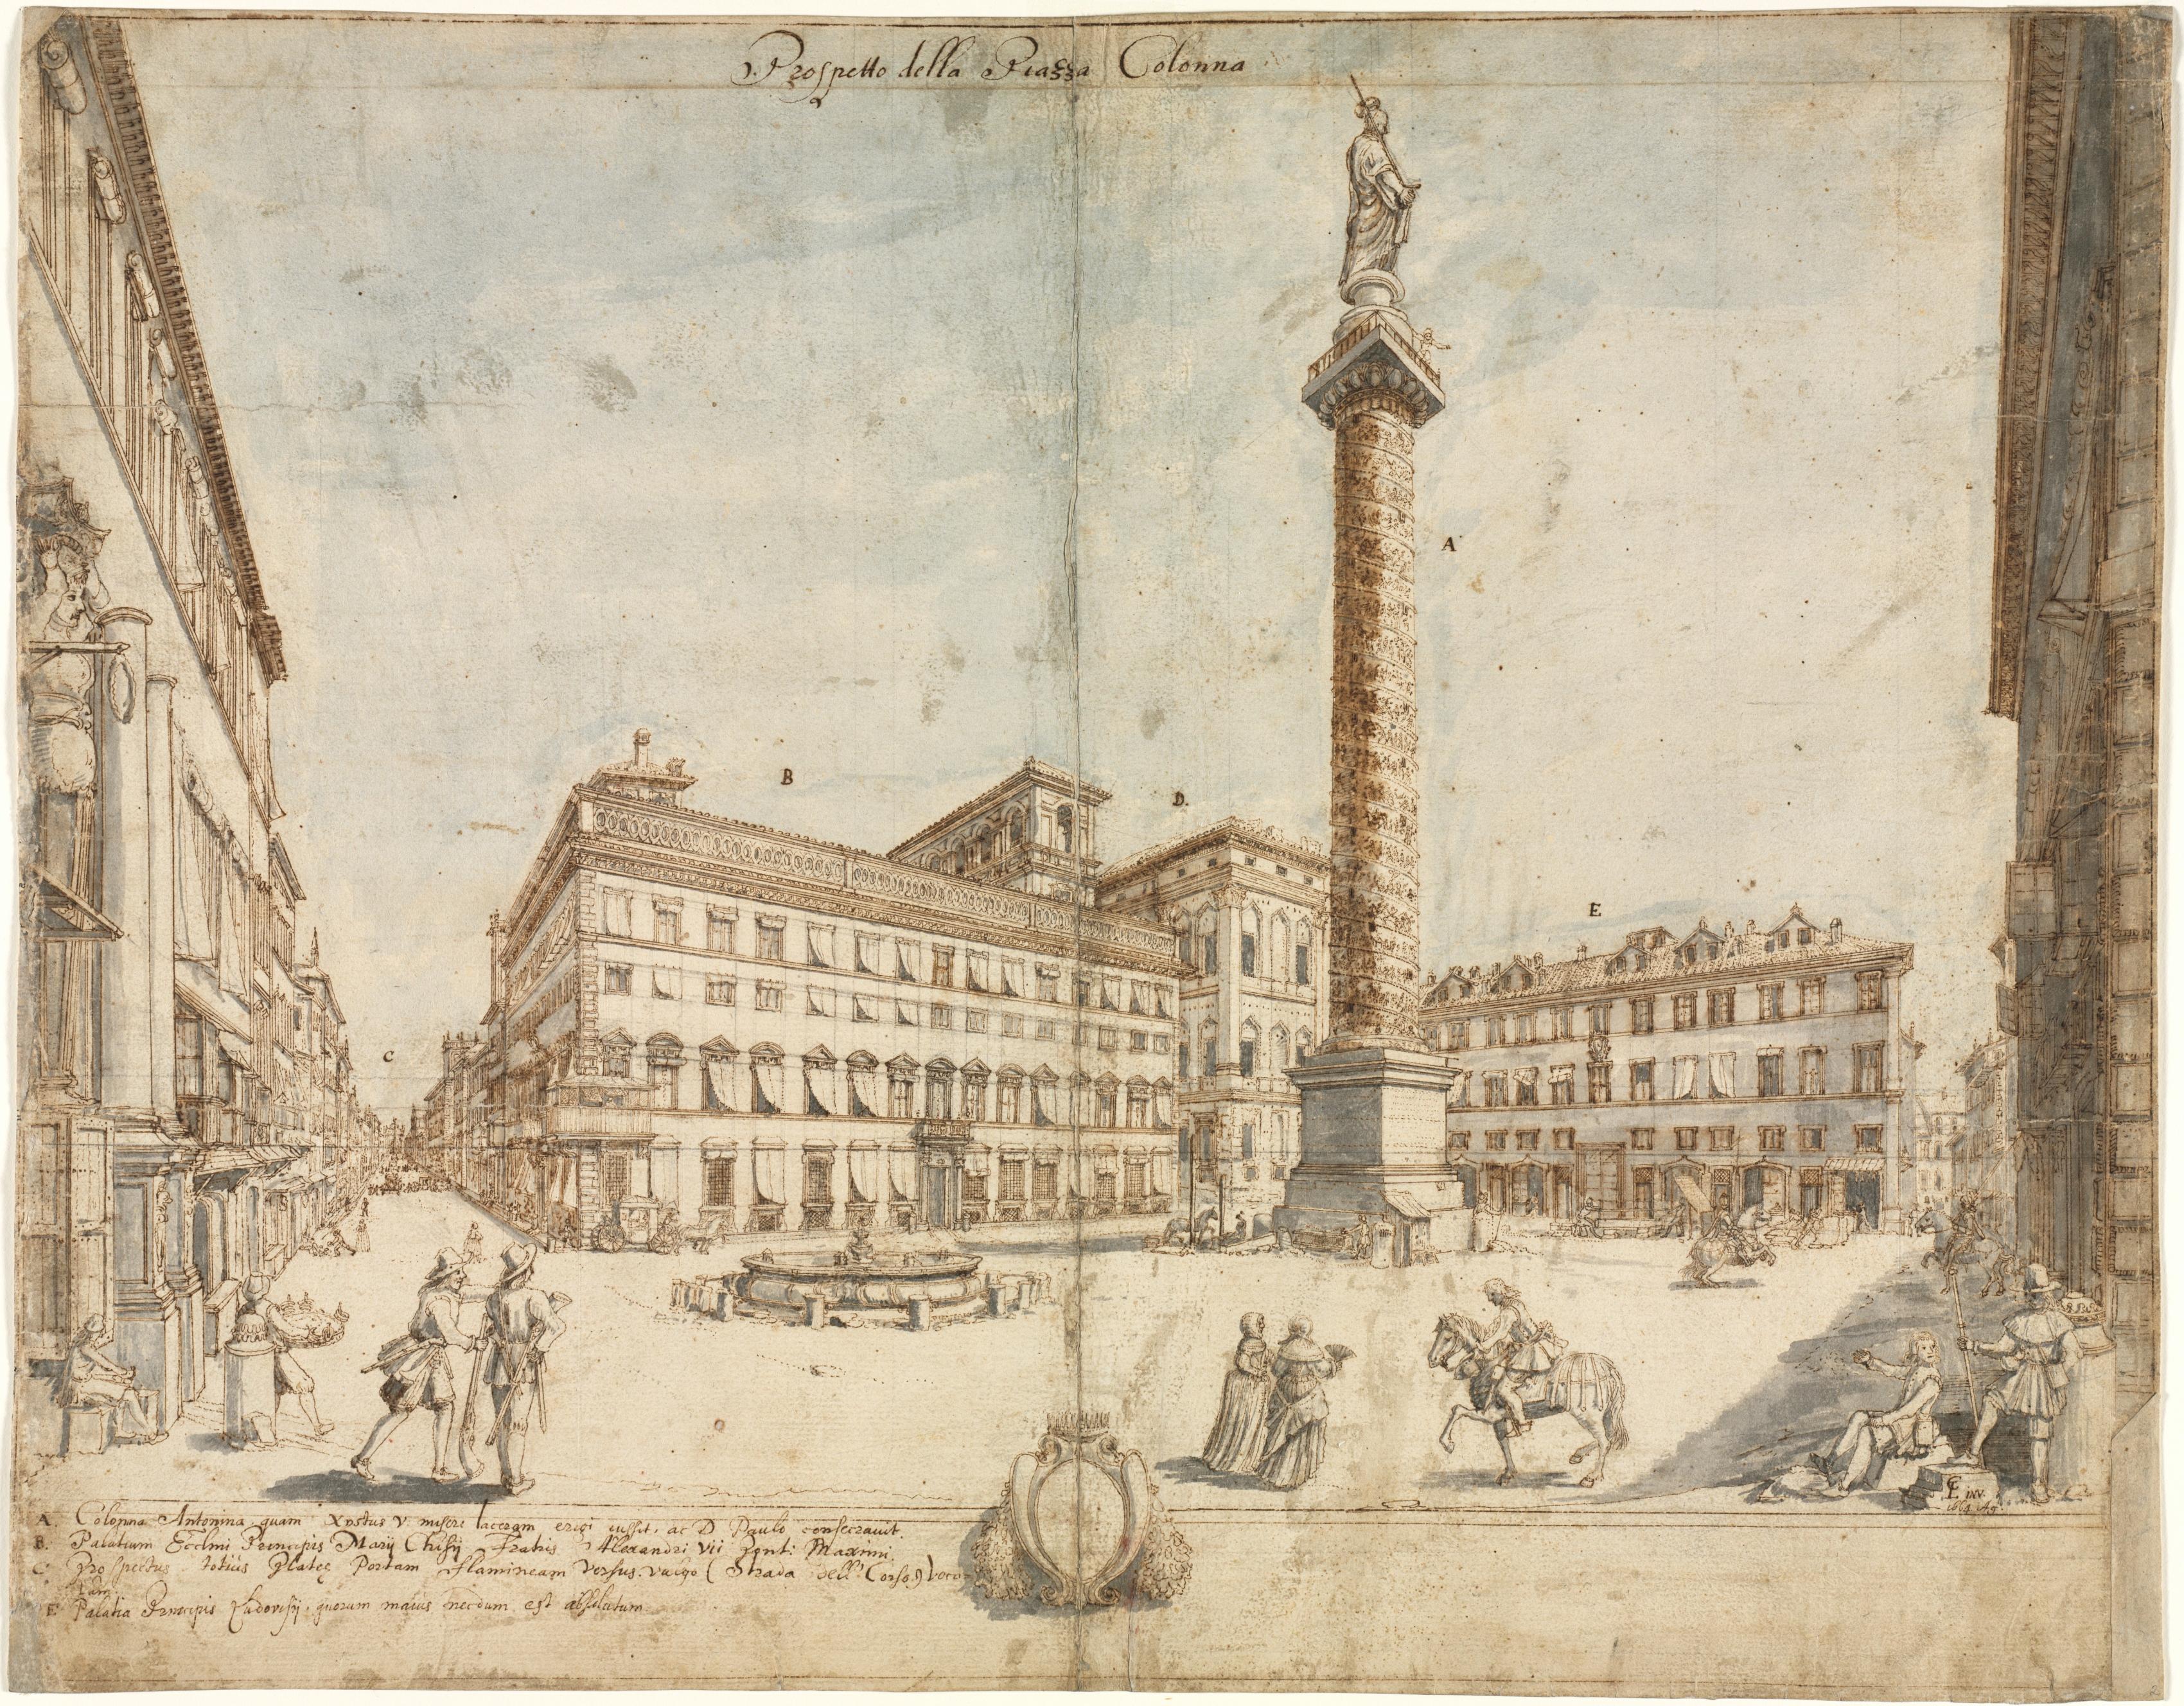 Cruyl, Lievin. Eighteen Views of Rome: Prospetto della Piazza Colonna, 1664.